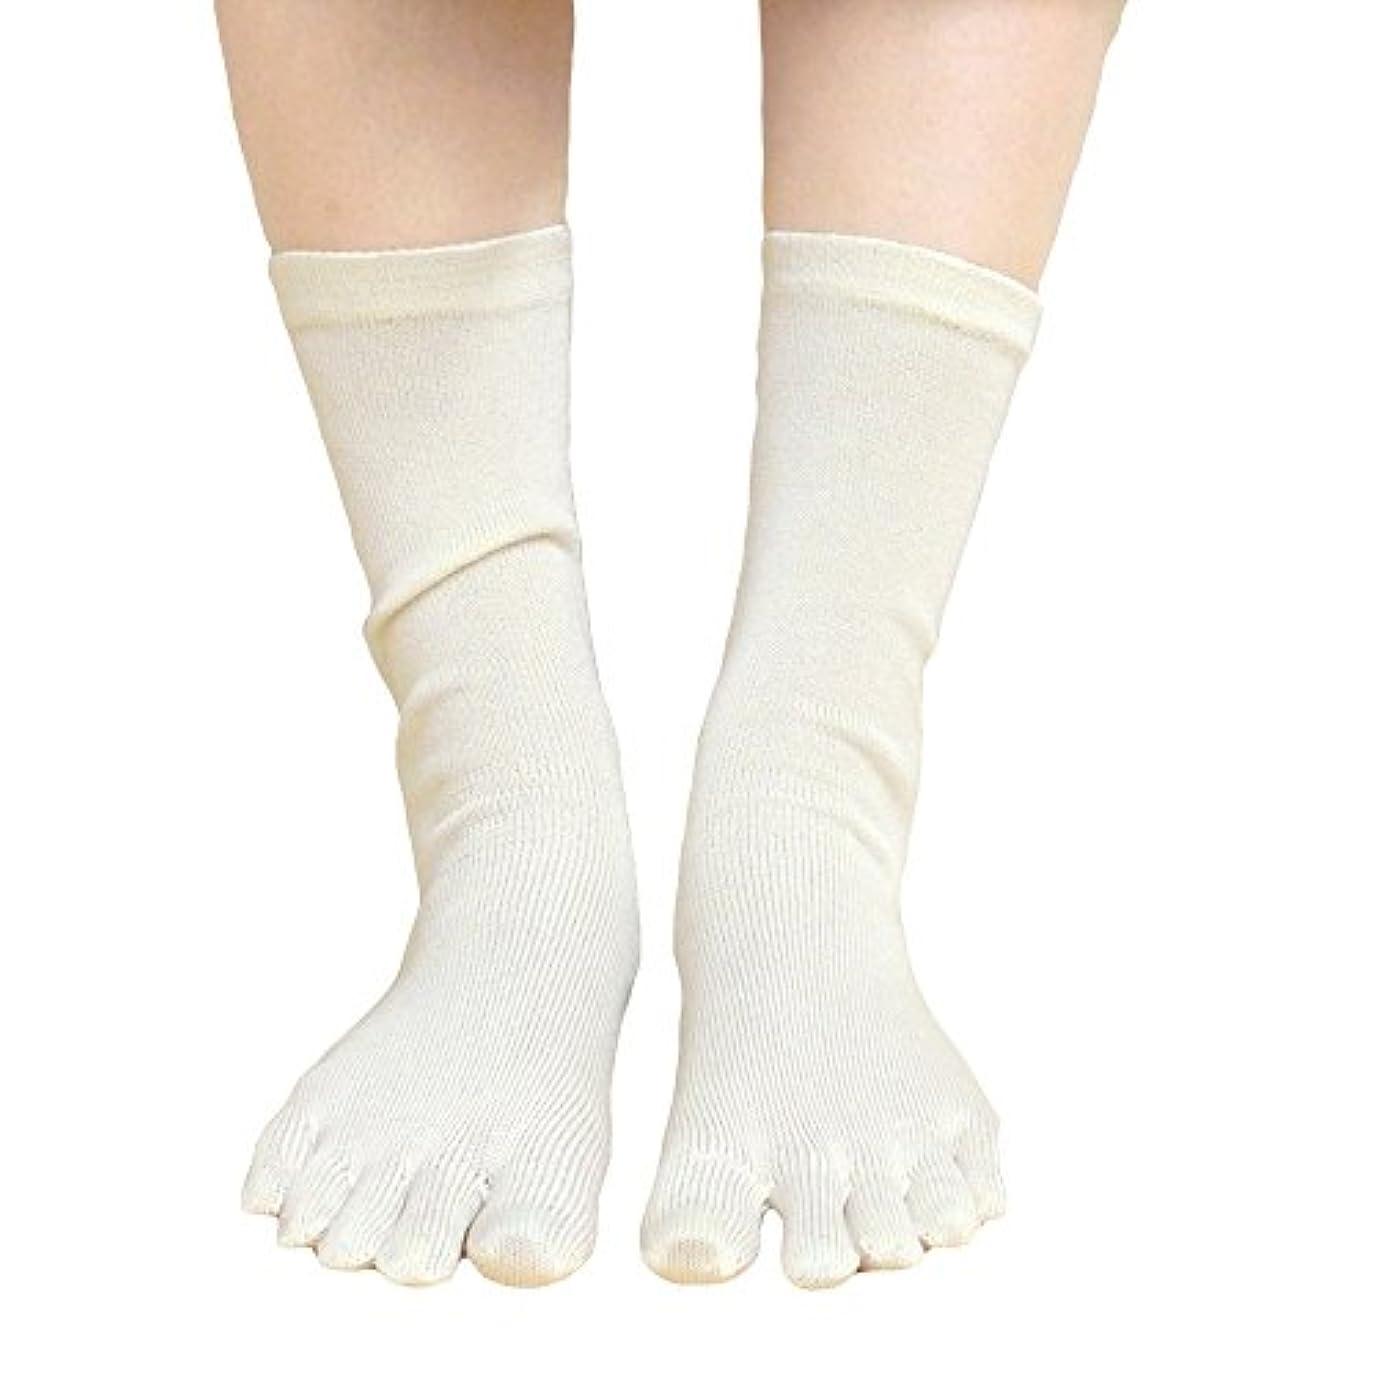 復讐にぎやか換気するタイシルク 100% 五本指 ソックス 3足セット かかとあり 上質なタイシルクを100%使用した薄手靴下 重ね履きのインナーソックスや冷えとりに